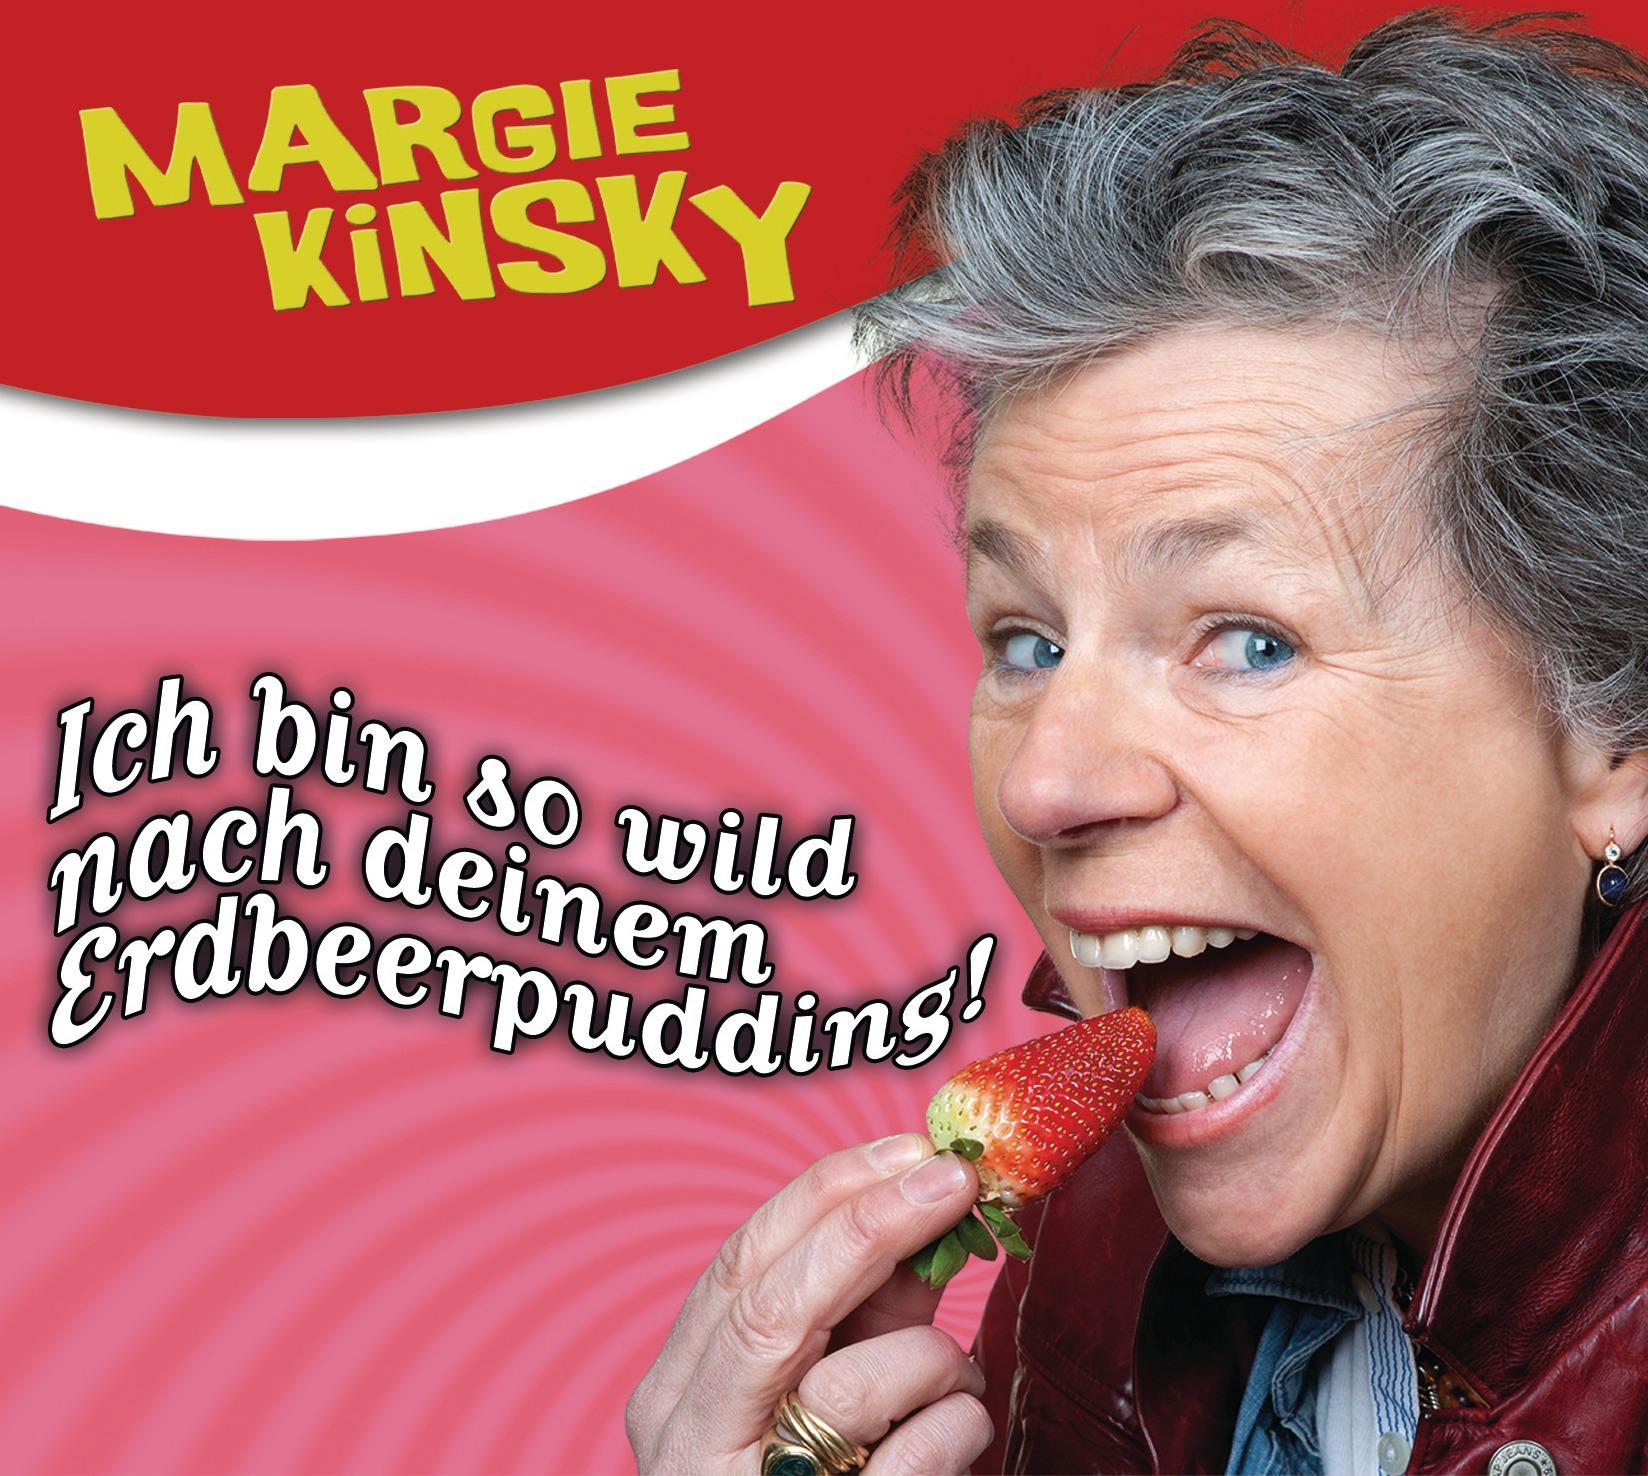 Ich bin so wild nach deinem Erdbeerpudding Margie Kinsky